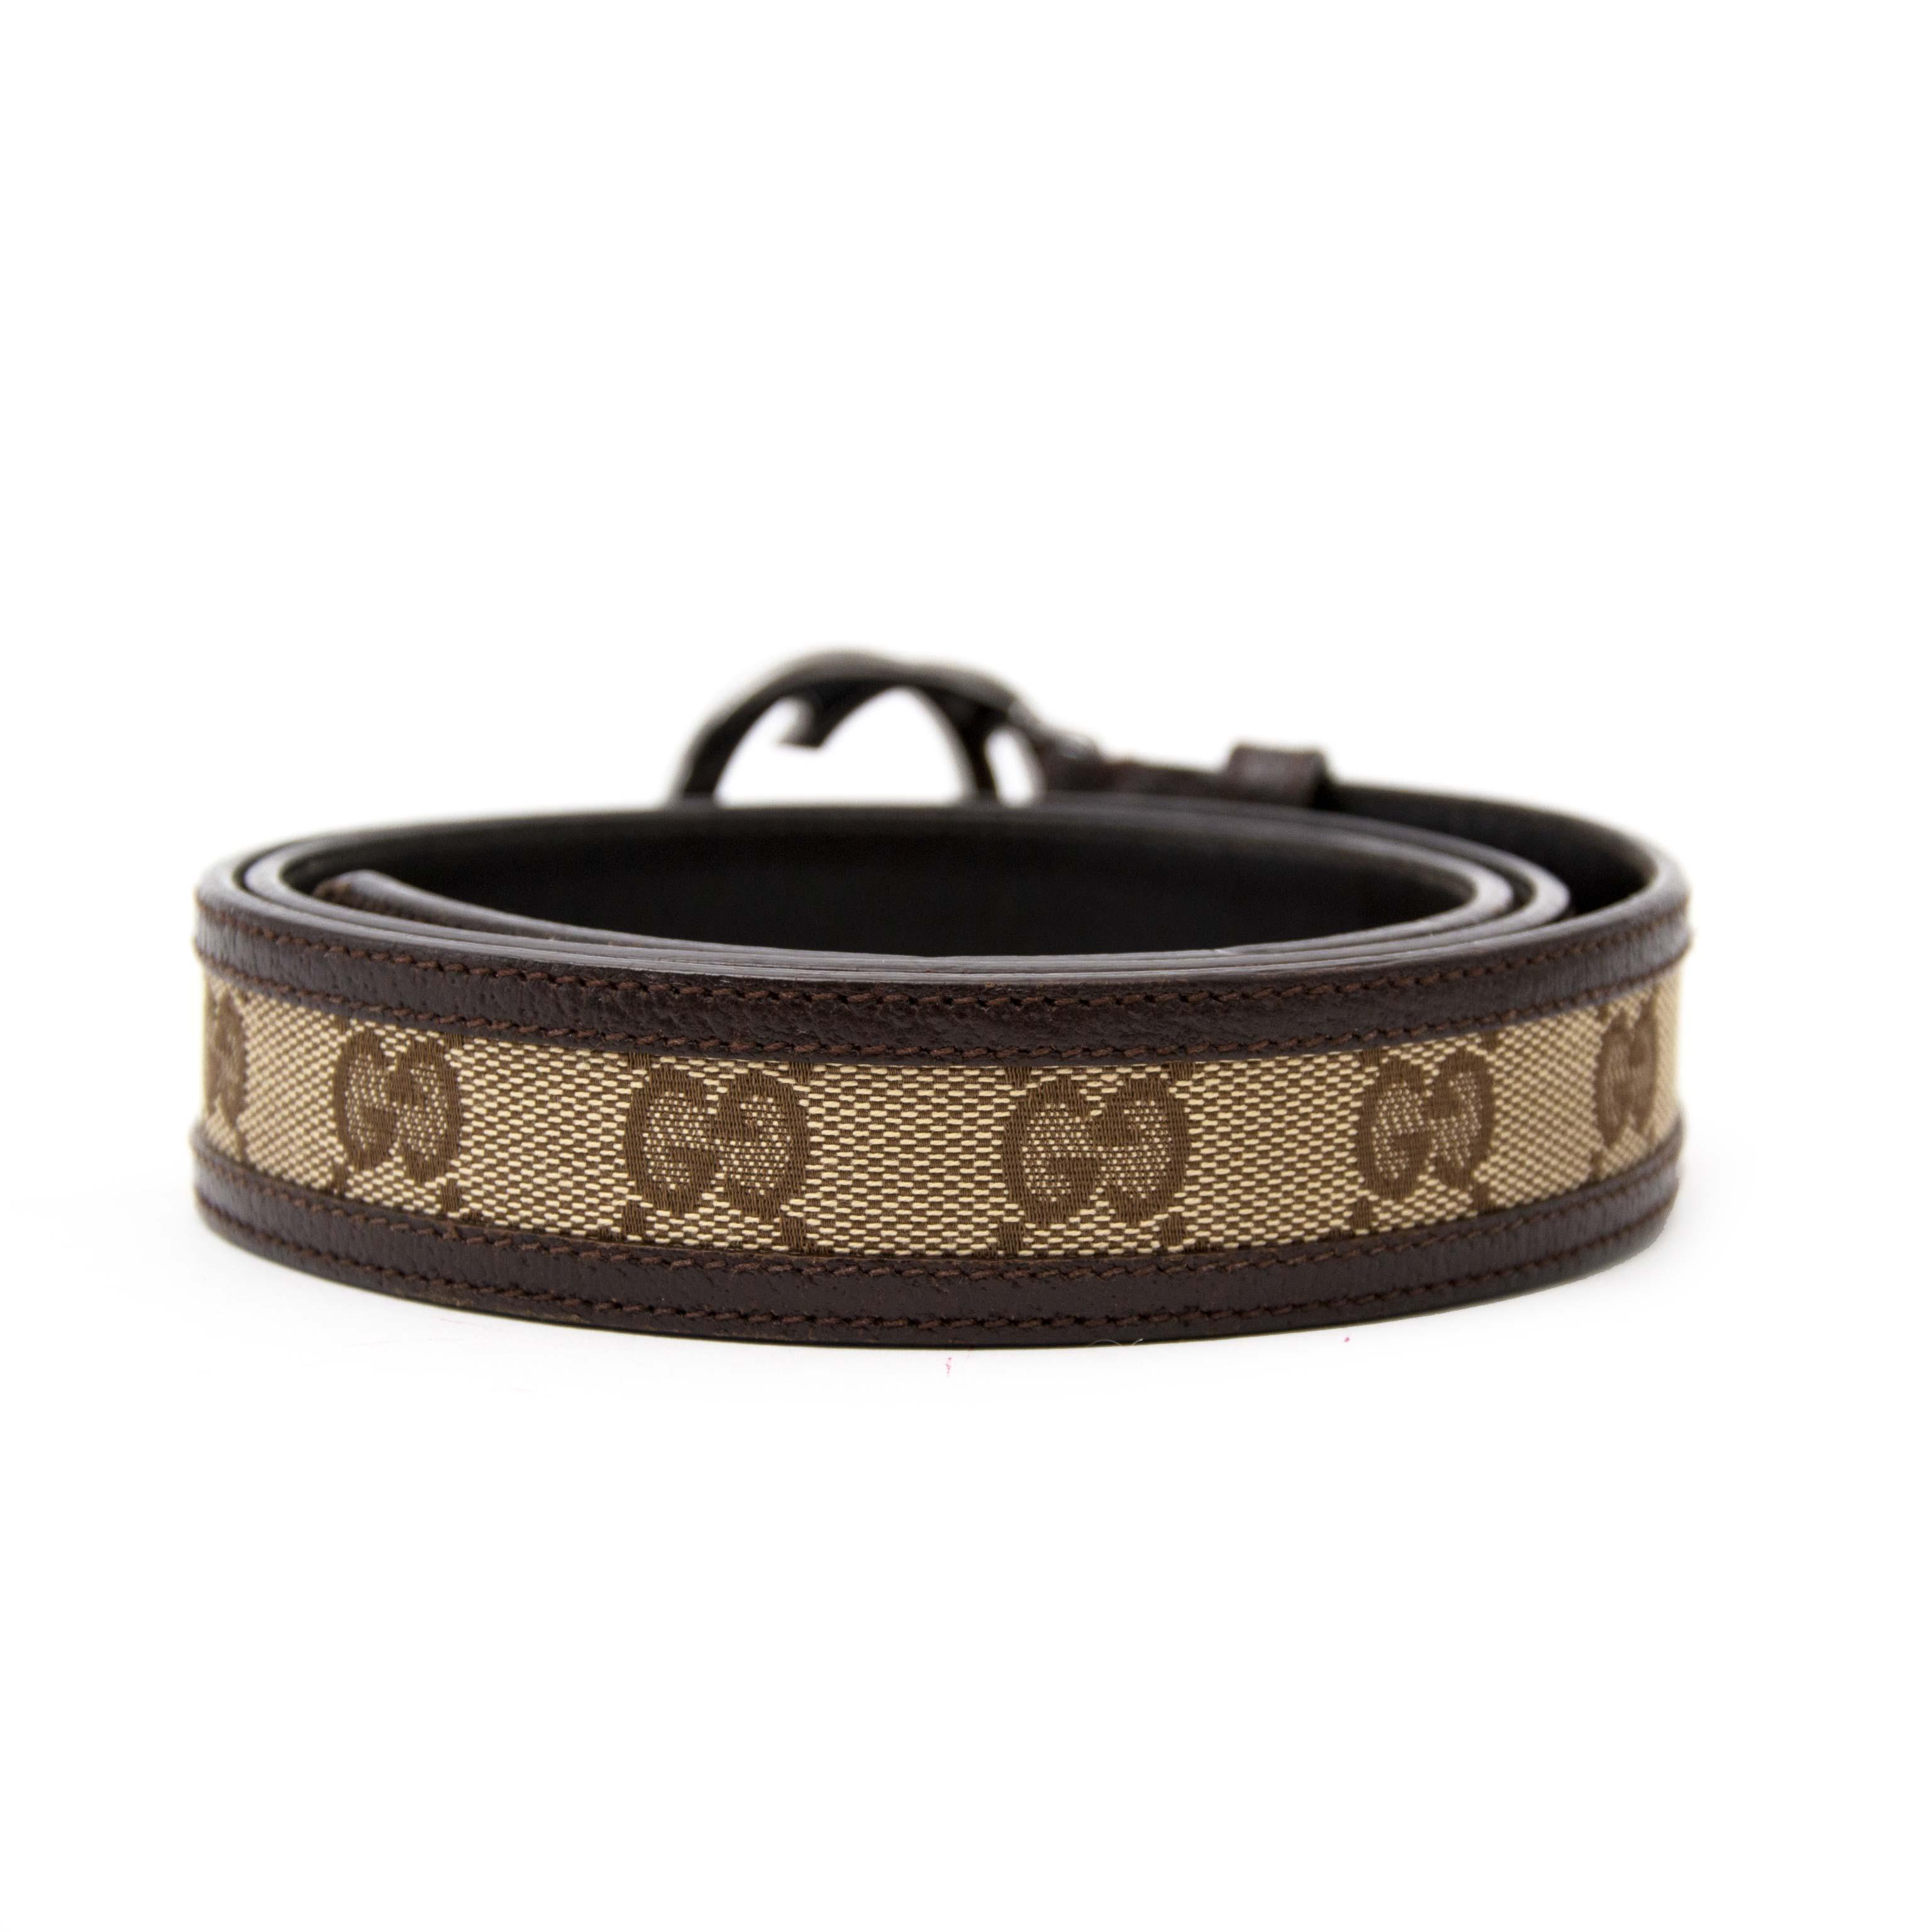 9b3d10c4f59 Labellov Buy safe Delvaux designer vintage online. Vind tweedehands ...